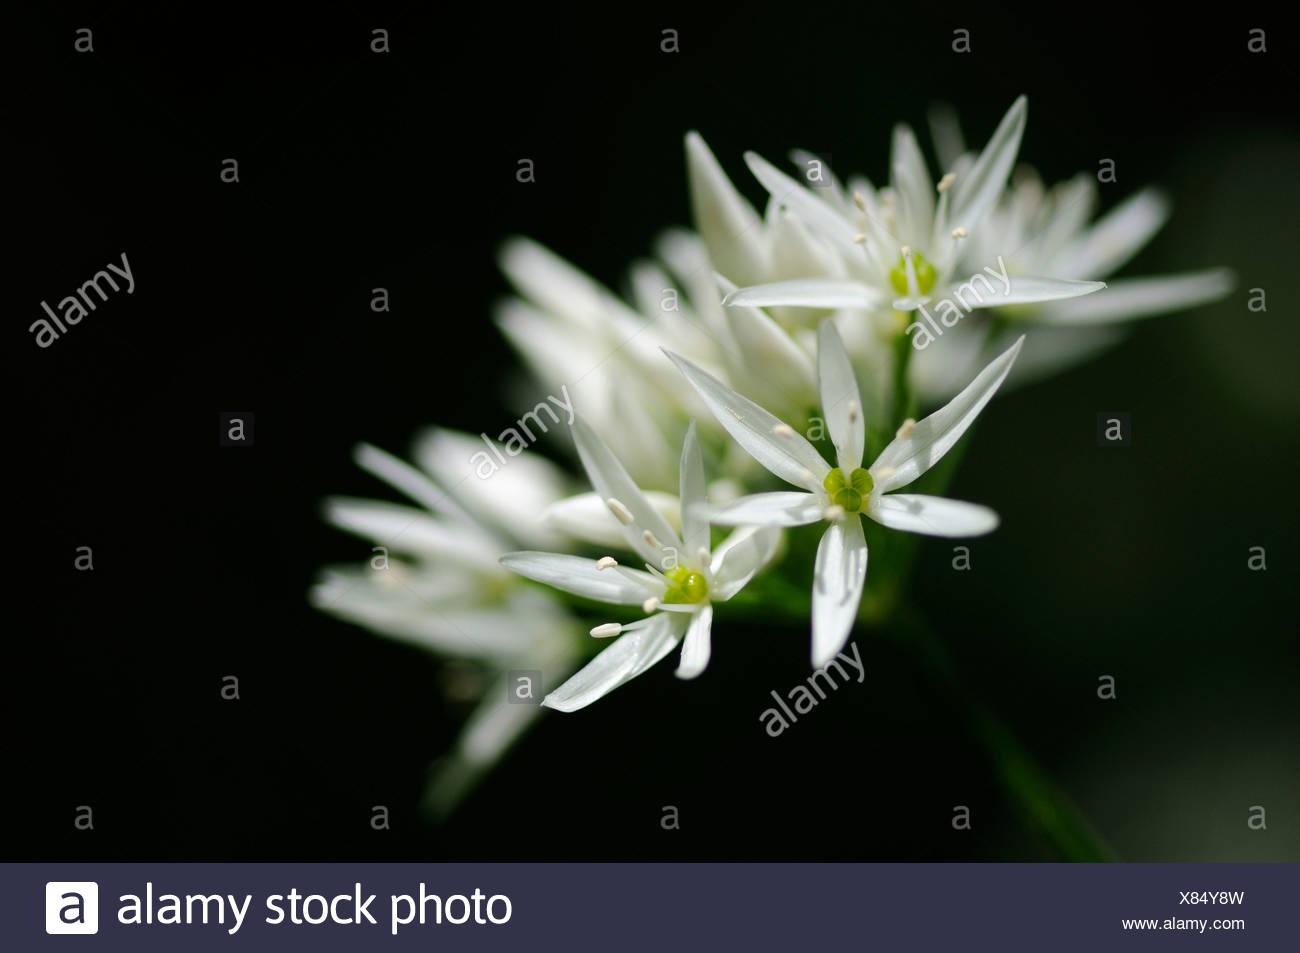 Ramson (Allium ursinum), umbel-shaped inflorescence Stock Photo